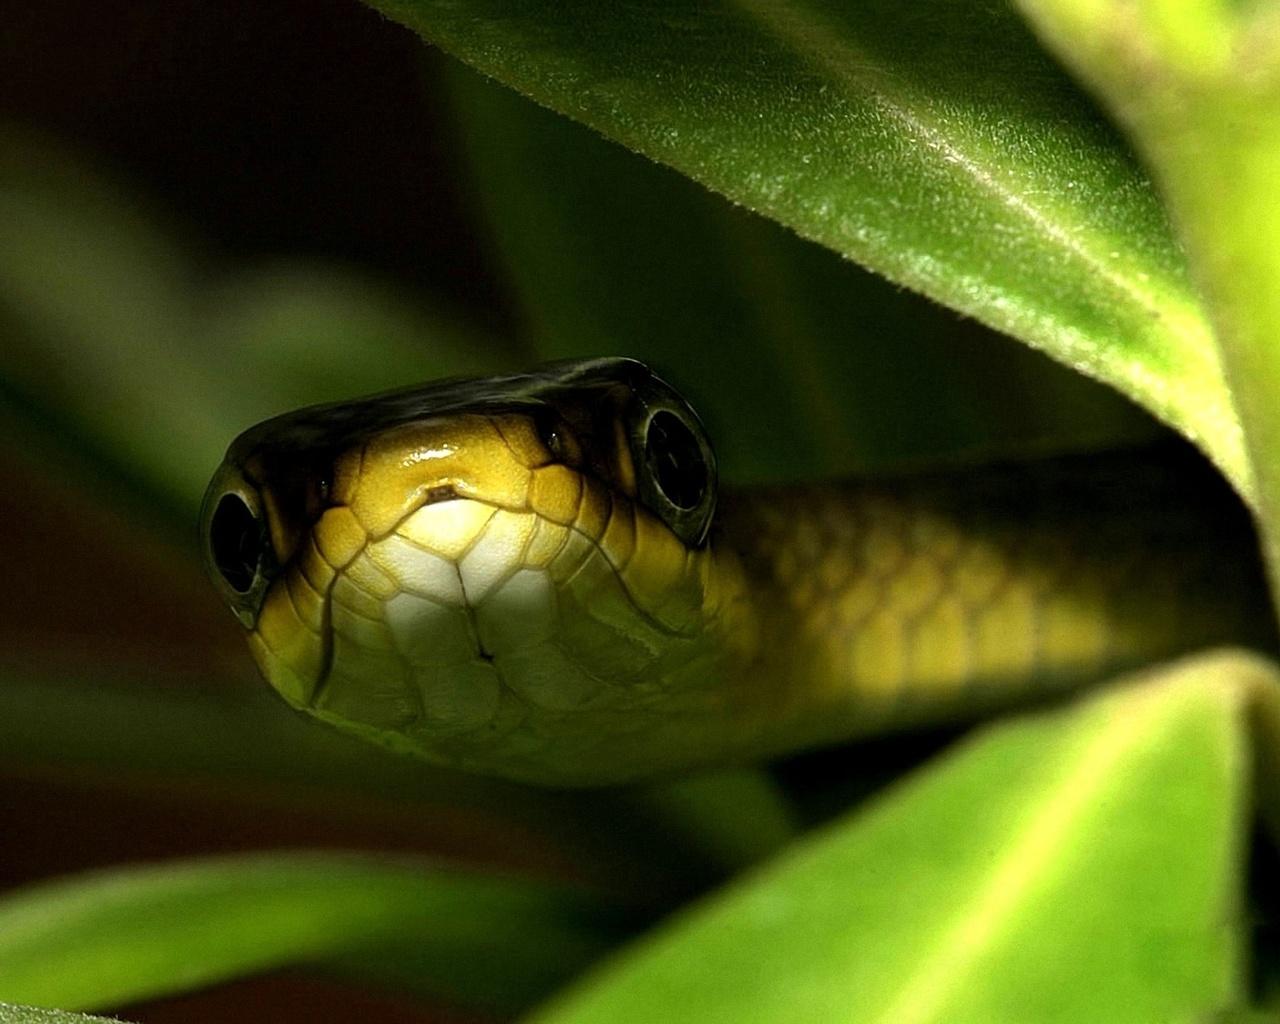 листья, змея, глаза, Фон, макро